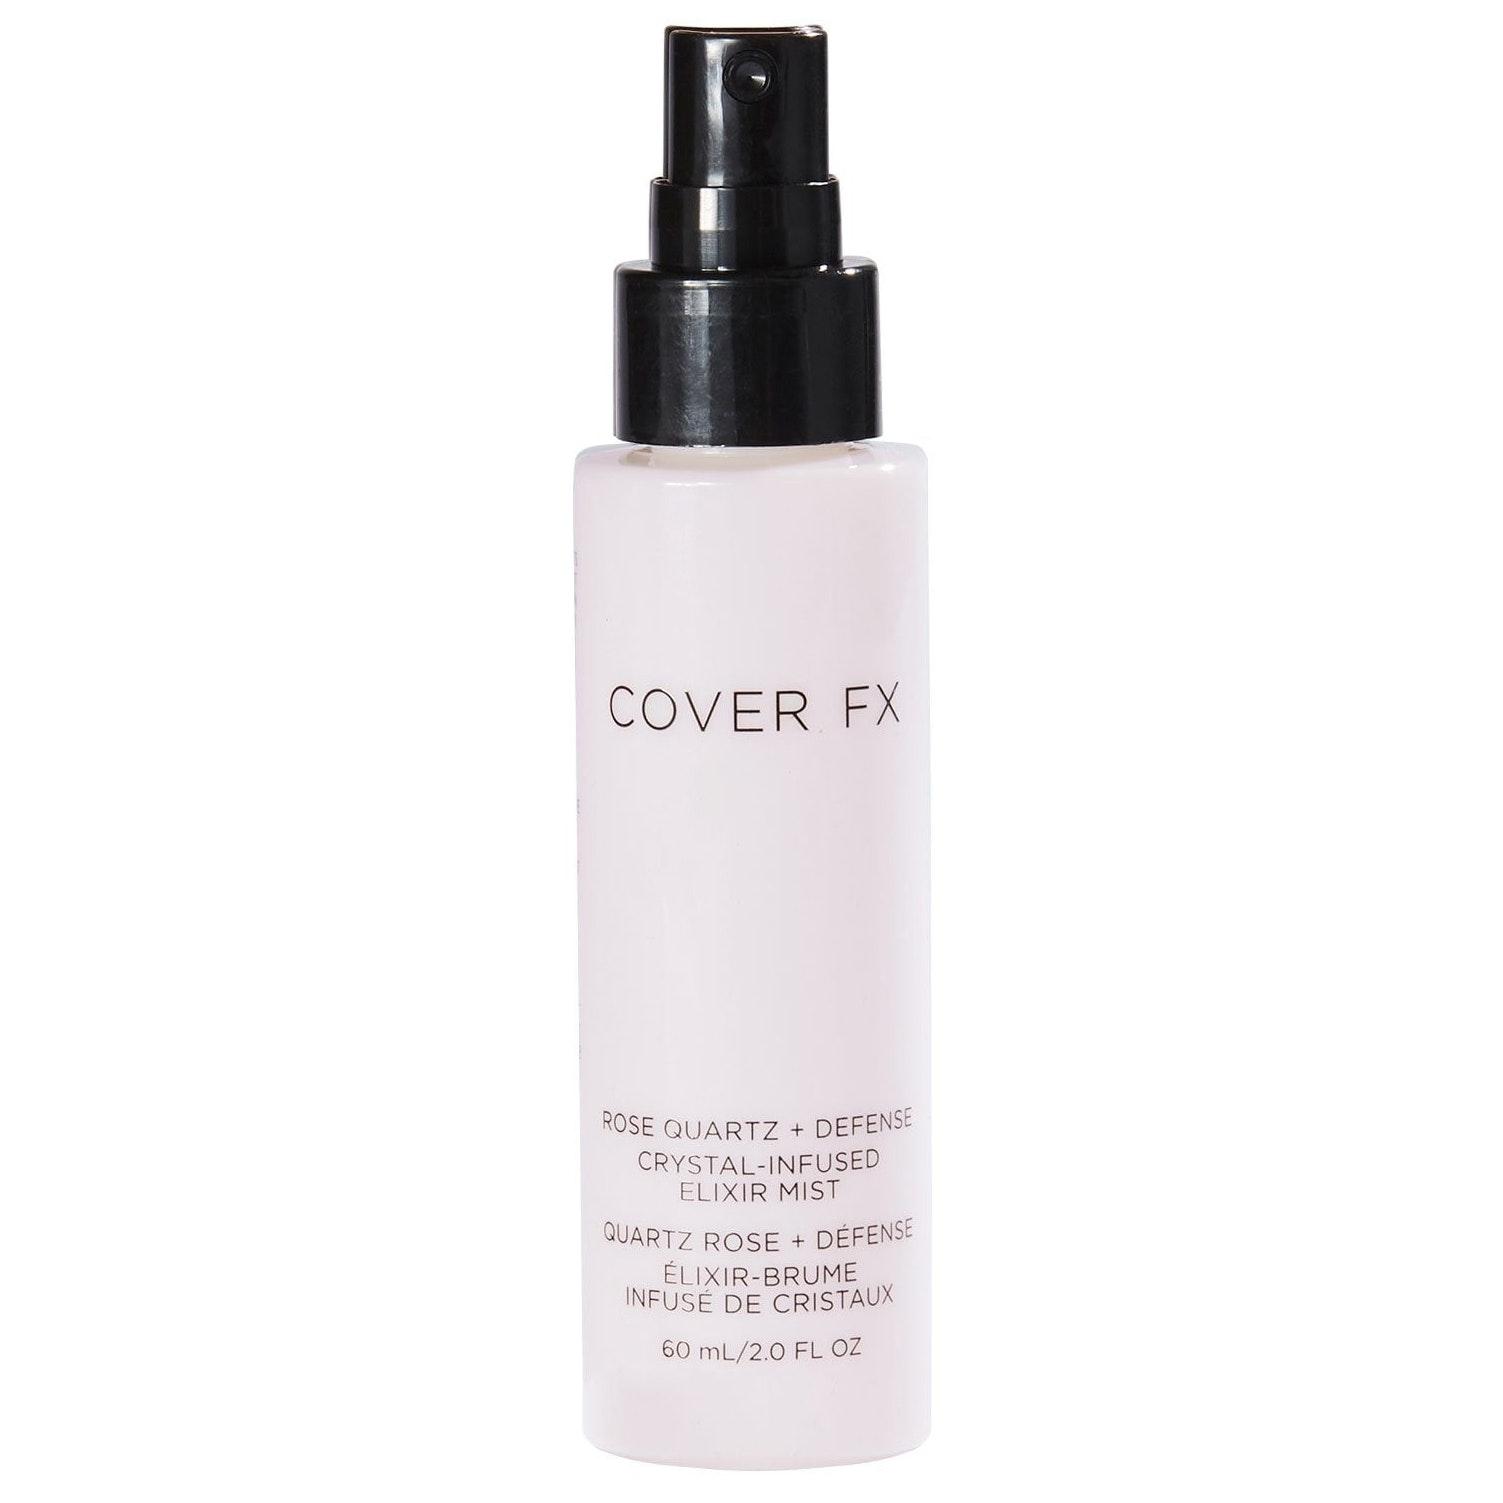 Cover FX® Rose Quartz + Defense Crystal-Infused Elixir Mist